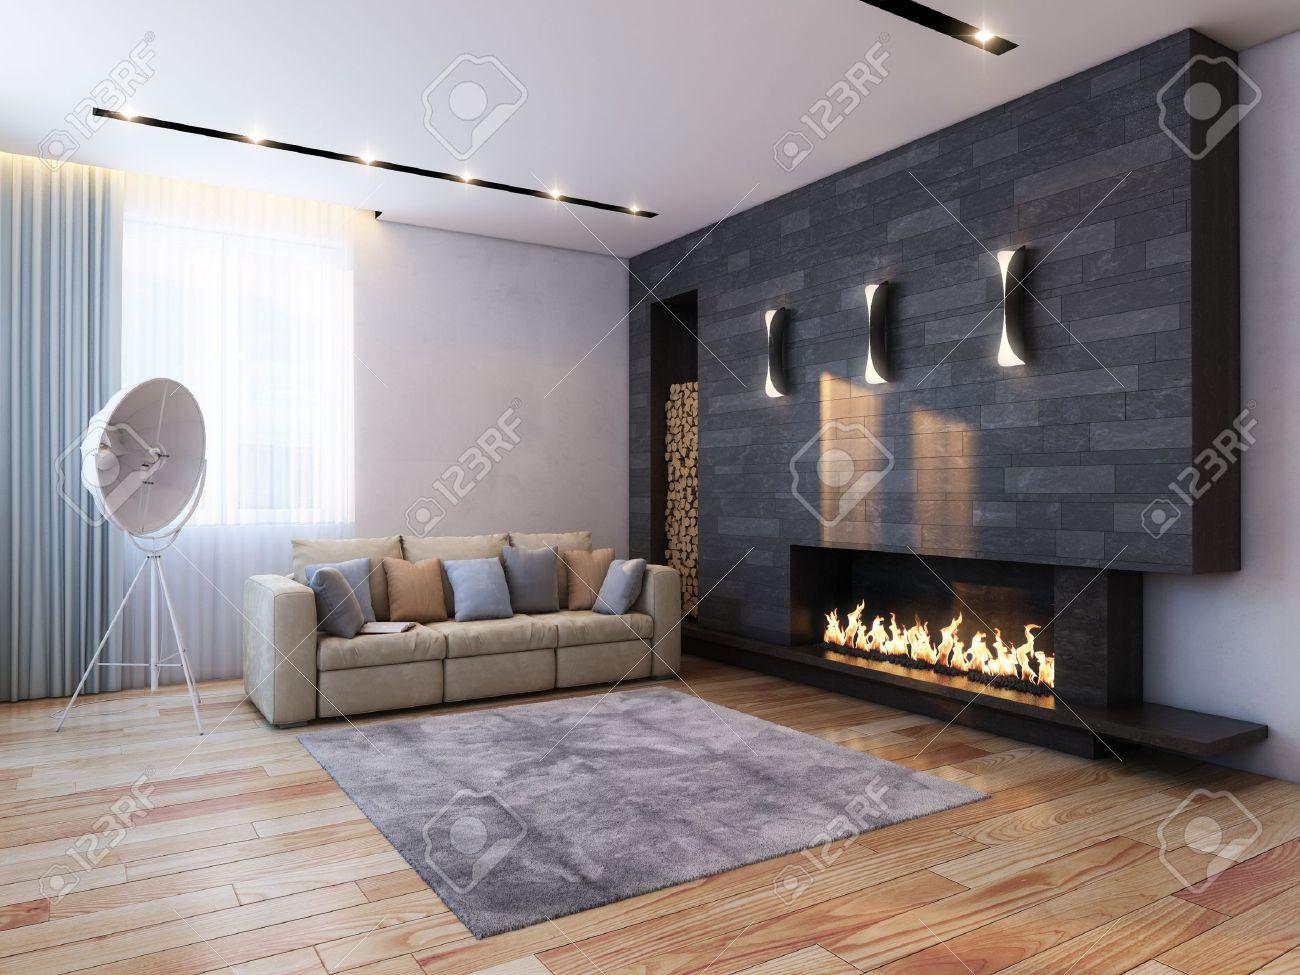 New Interior Design new interior design in minimalist style color version stock photo